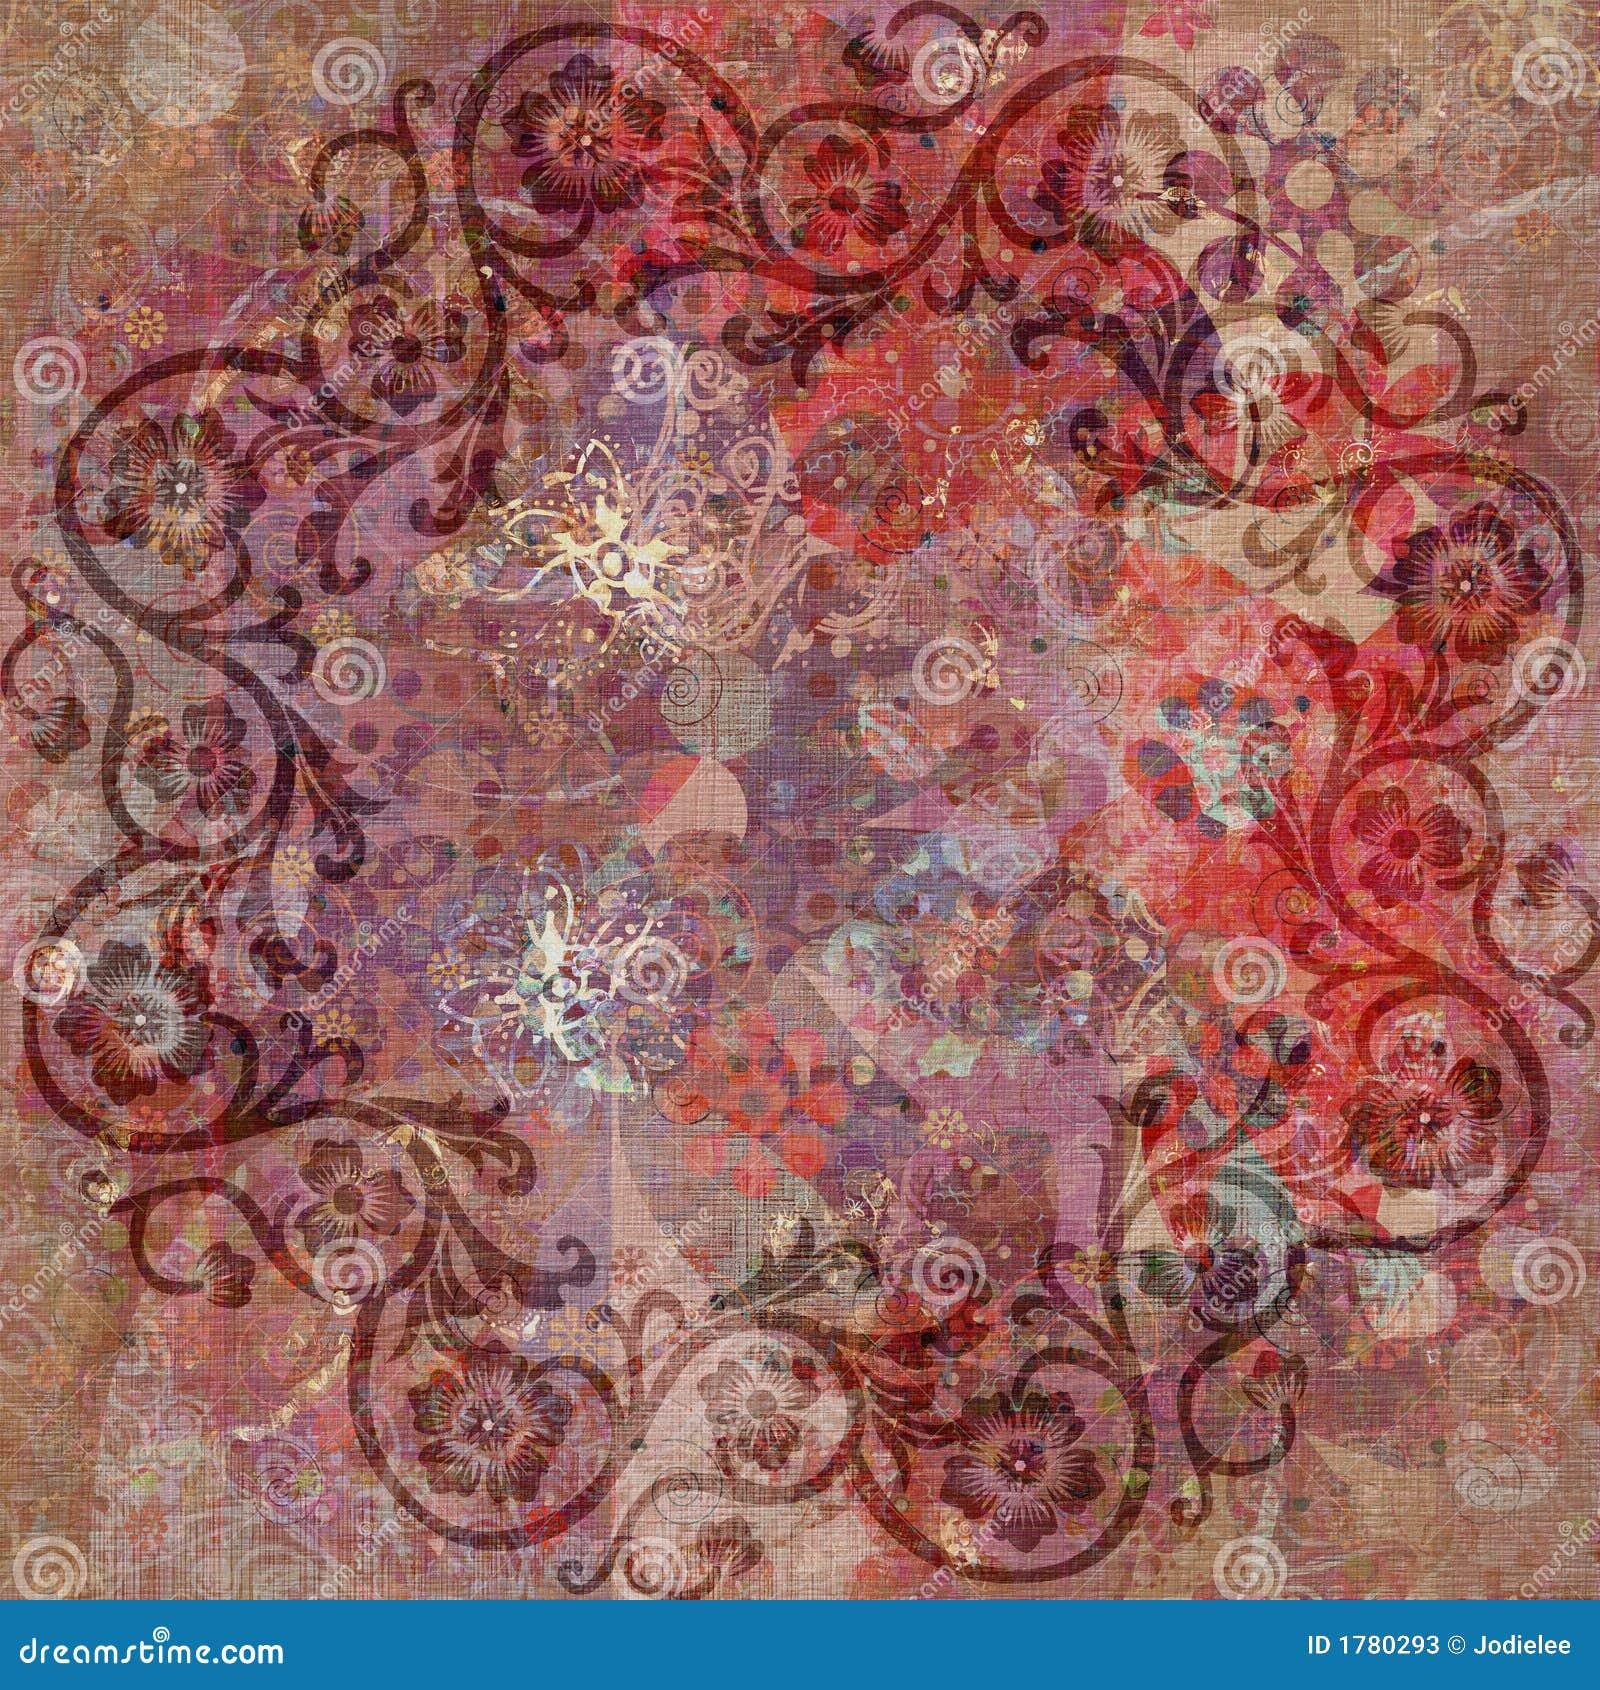 Vintage Floral Grunge Bohemian Tapestry Stock Illustration